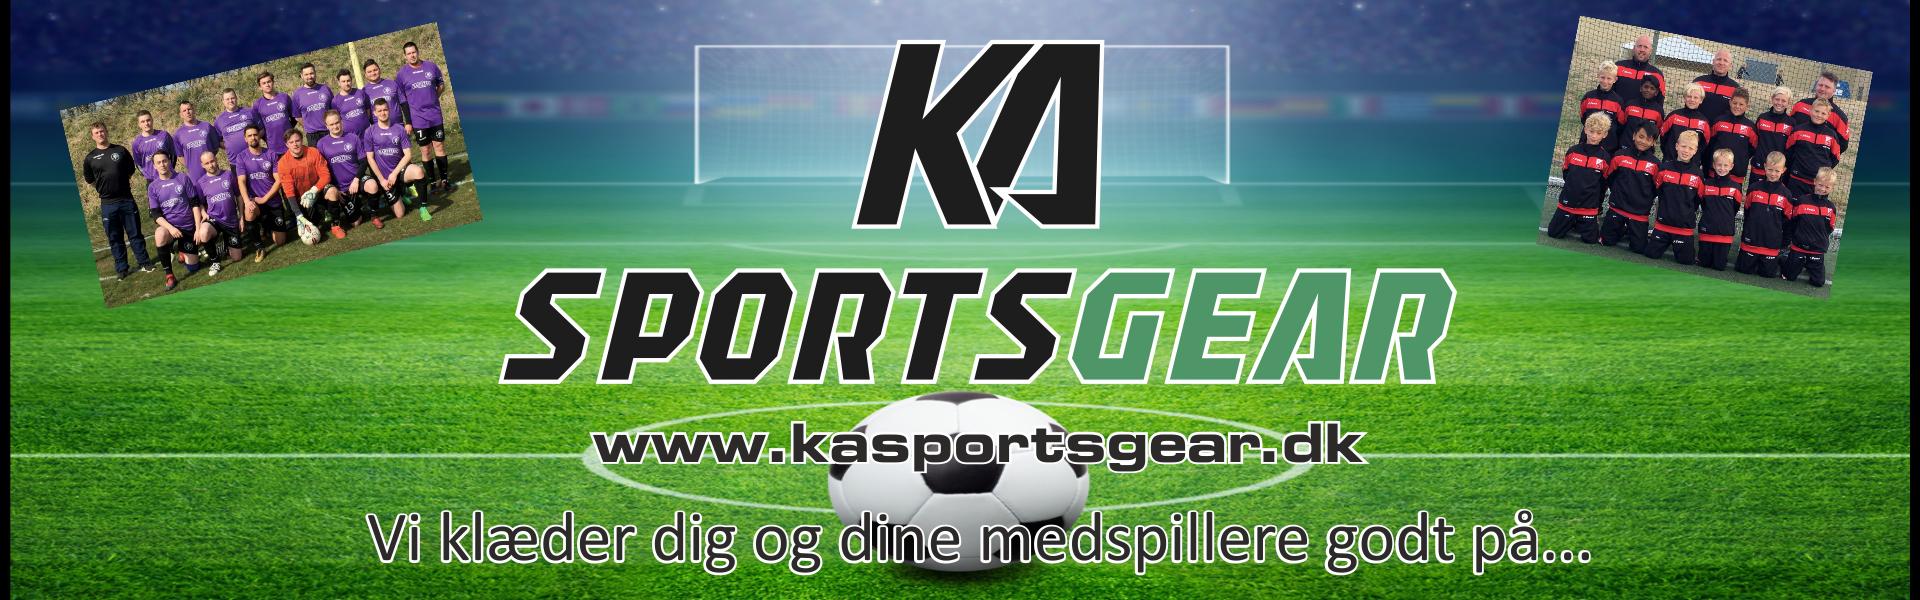 KA Sportsgear - vi klæder dig godt på